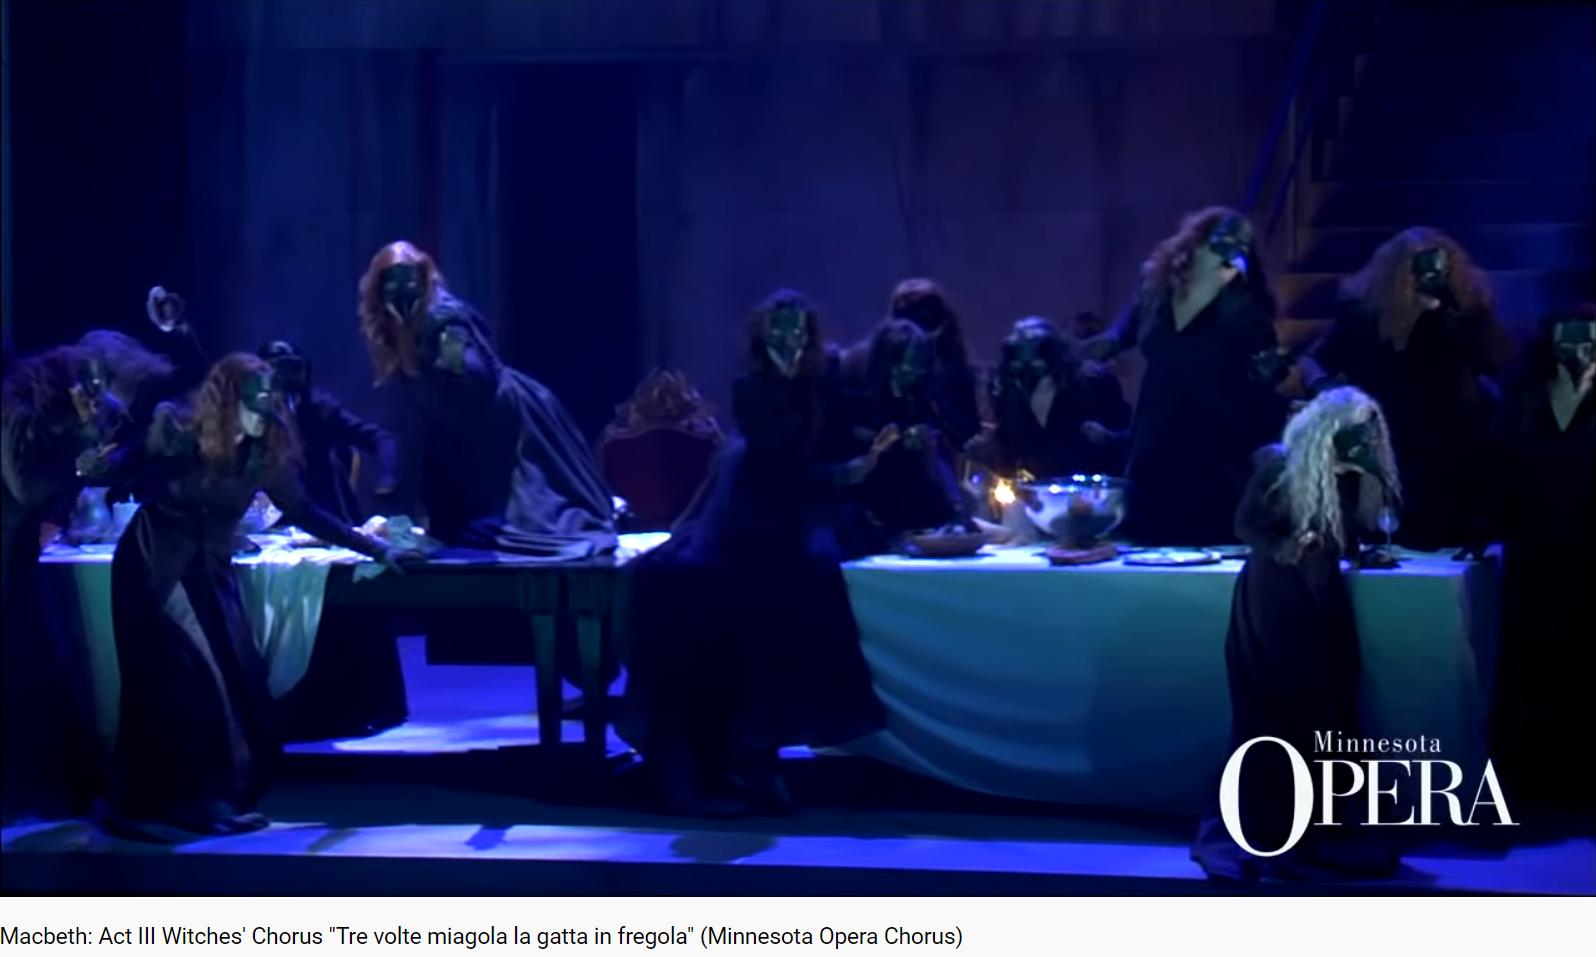 Verdi Macbeth Tre volte miagola la gatta in fregola